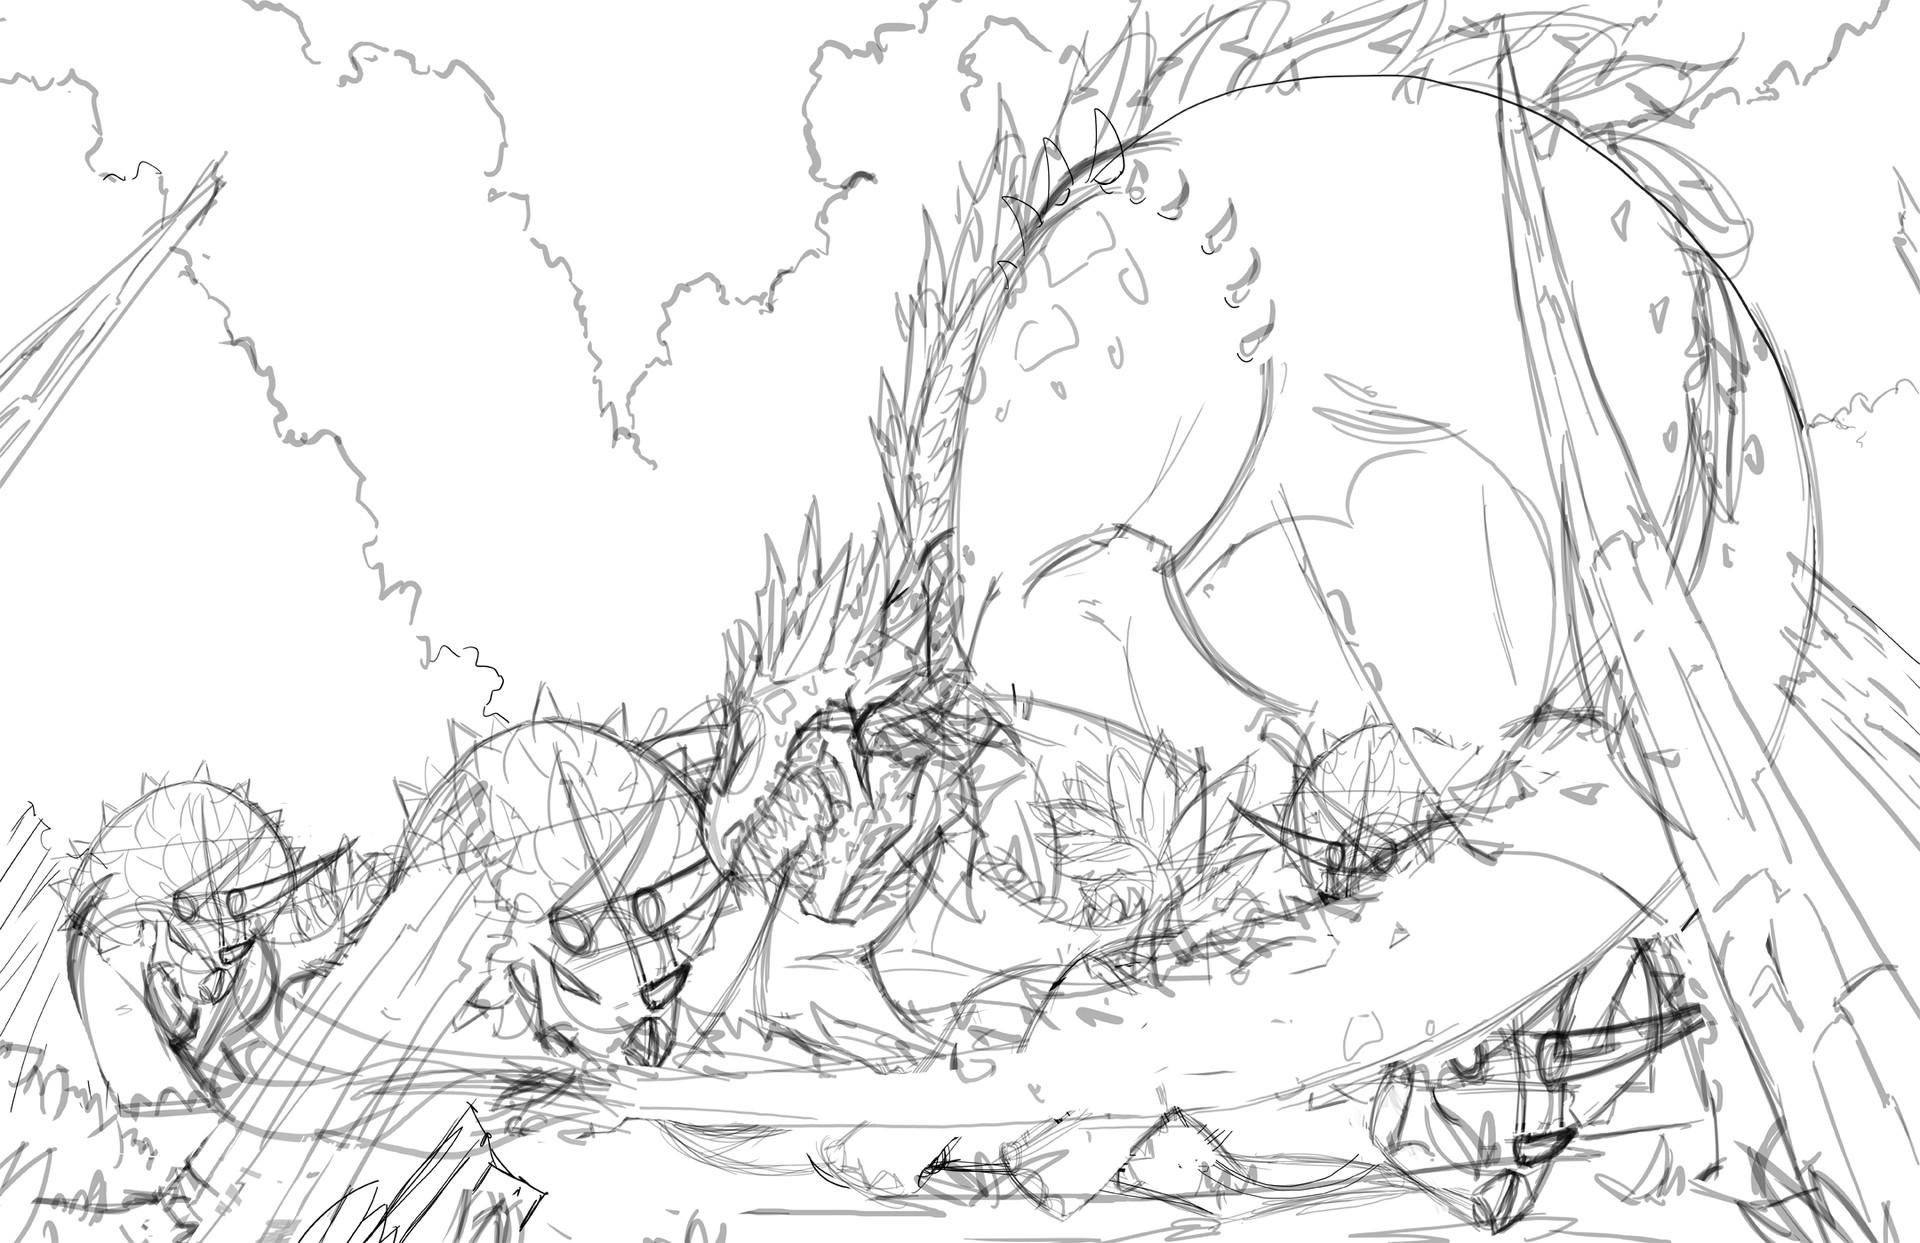 Jason licht sketch